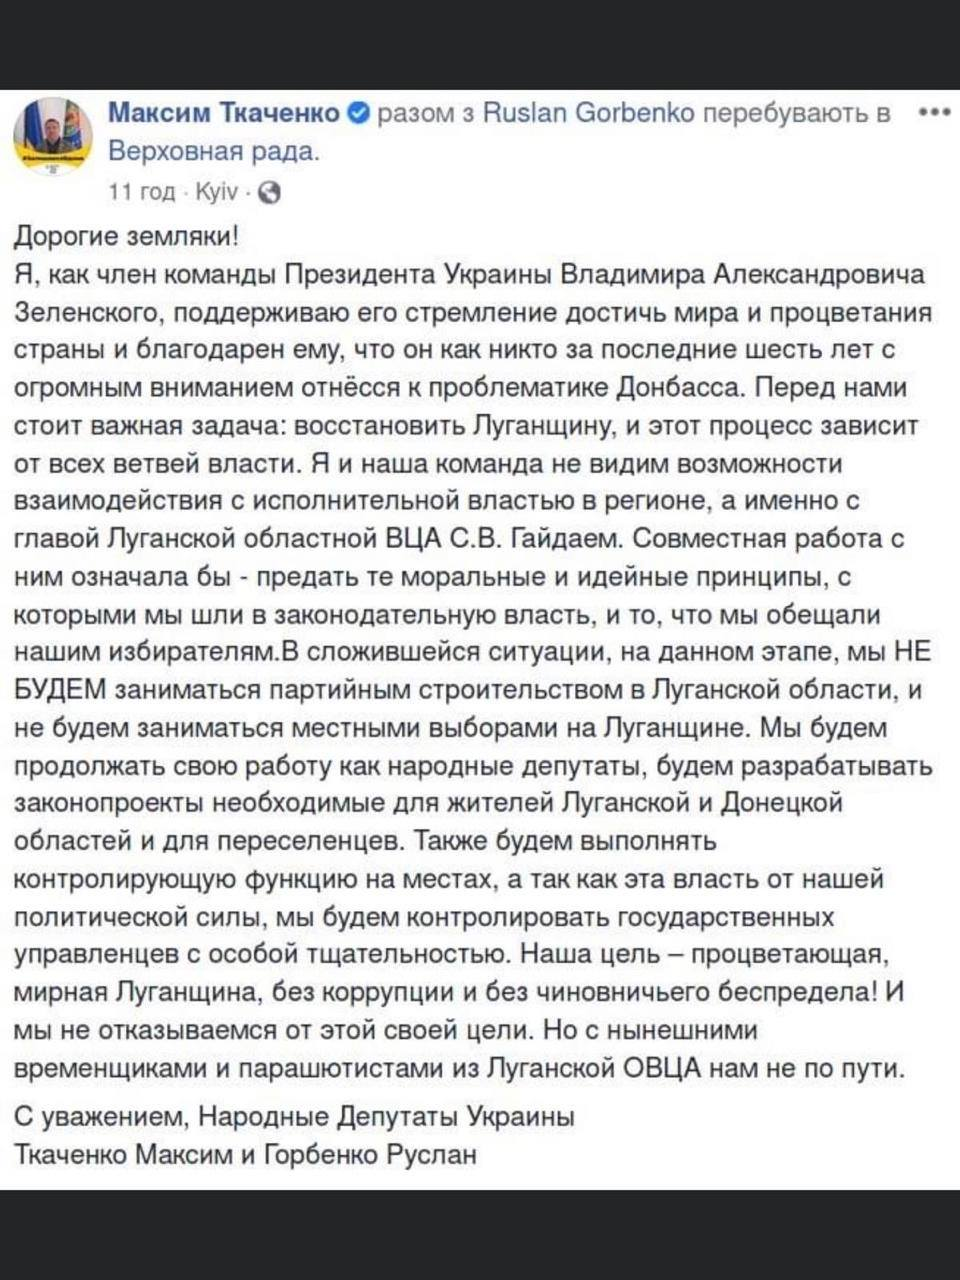 В Луганской области назревает конфликт между главой ОГА Гайдаем и нардепом Ткаченко